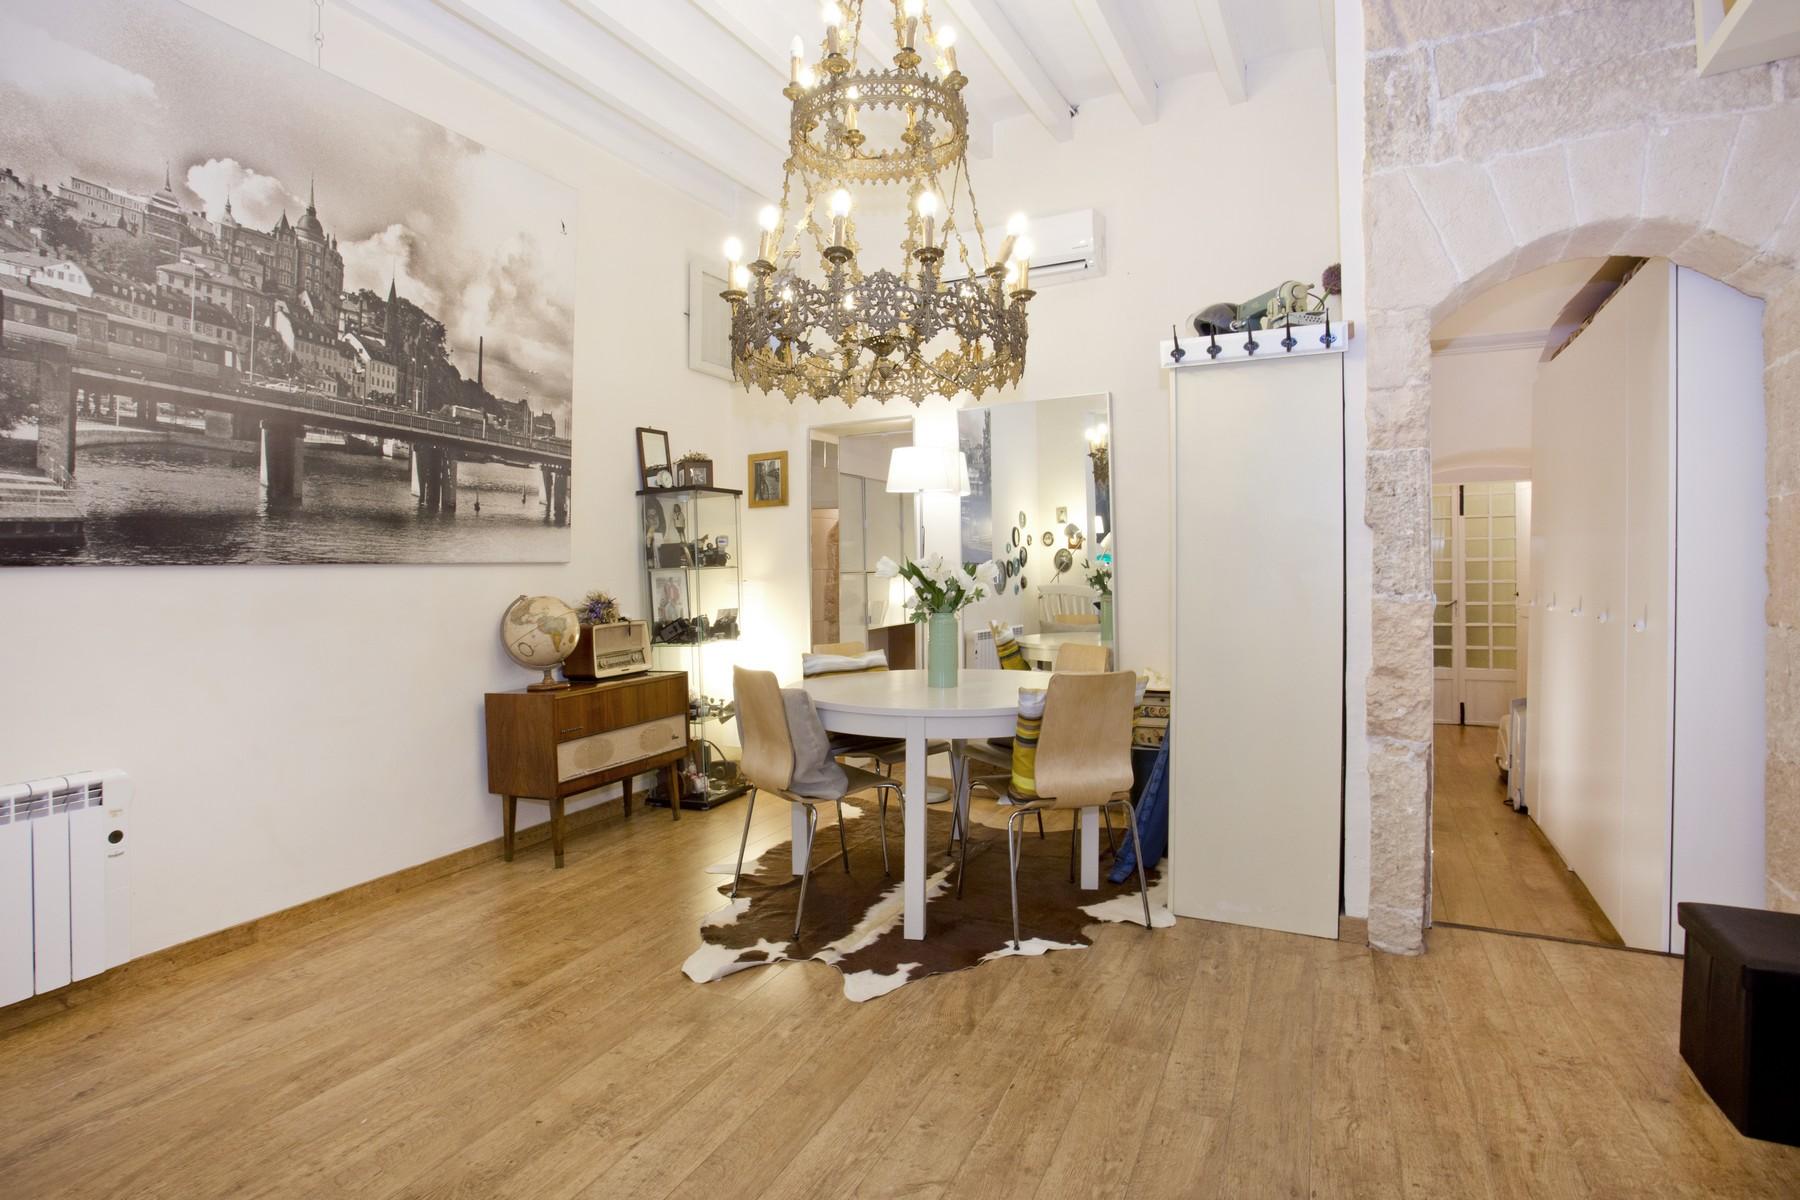 独户住宅 为 销售 在 Charming apartment in Old Town of Palma 帕尔马, 马洛卡, 07012 西班牙